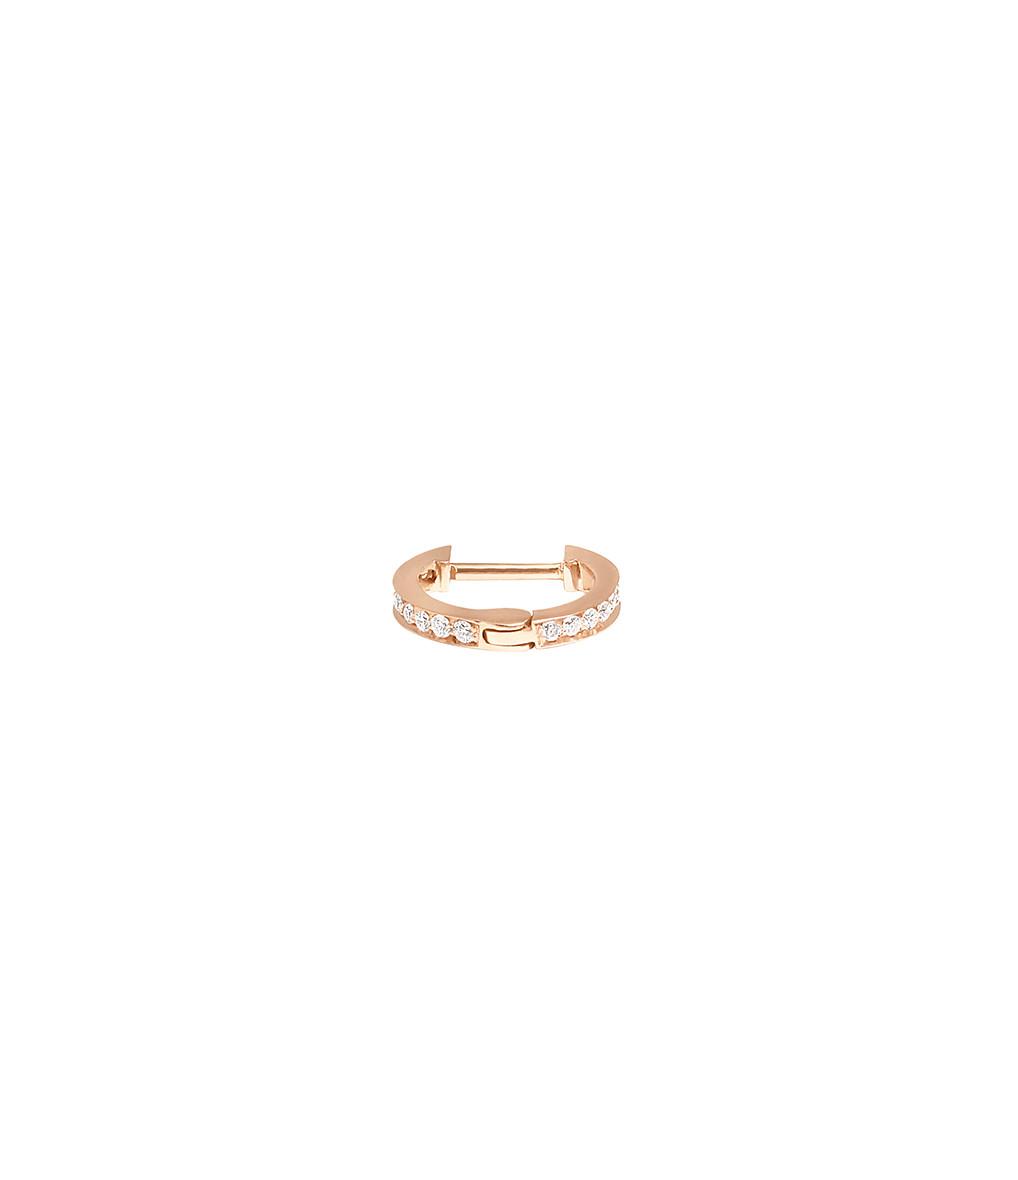 VANRYCKE - Créole Officiel XS Or Rose Diamants (vendue à l'unité)